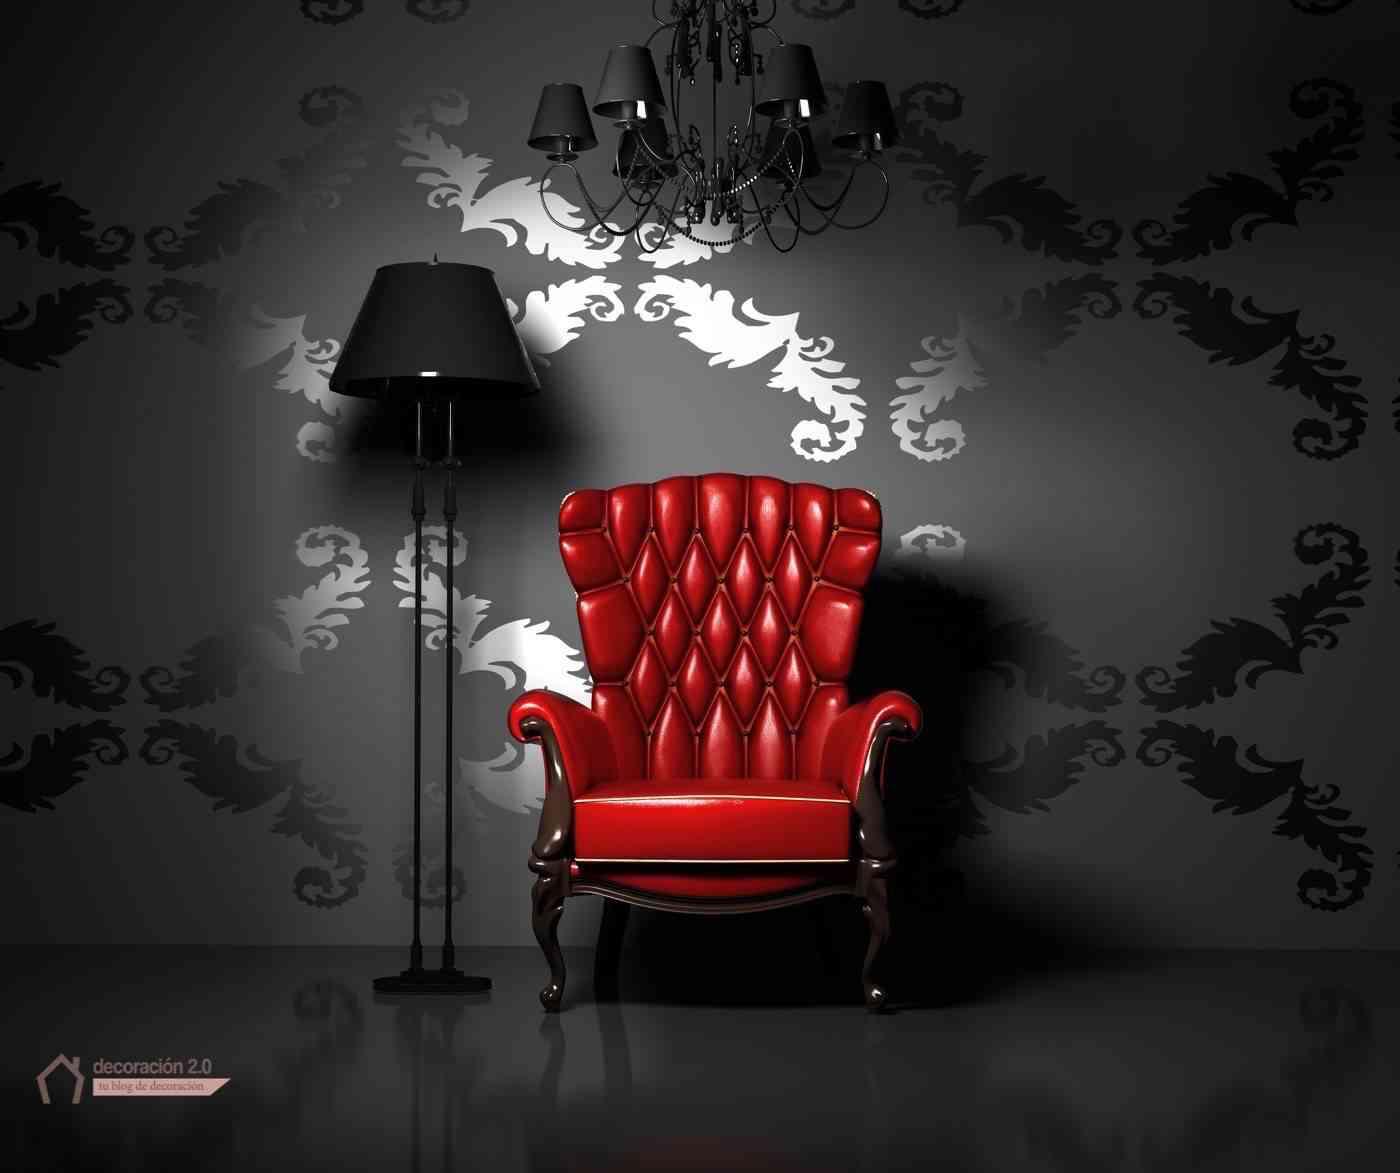 rompe moldes decoración sillón rojo y pared negra